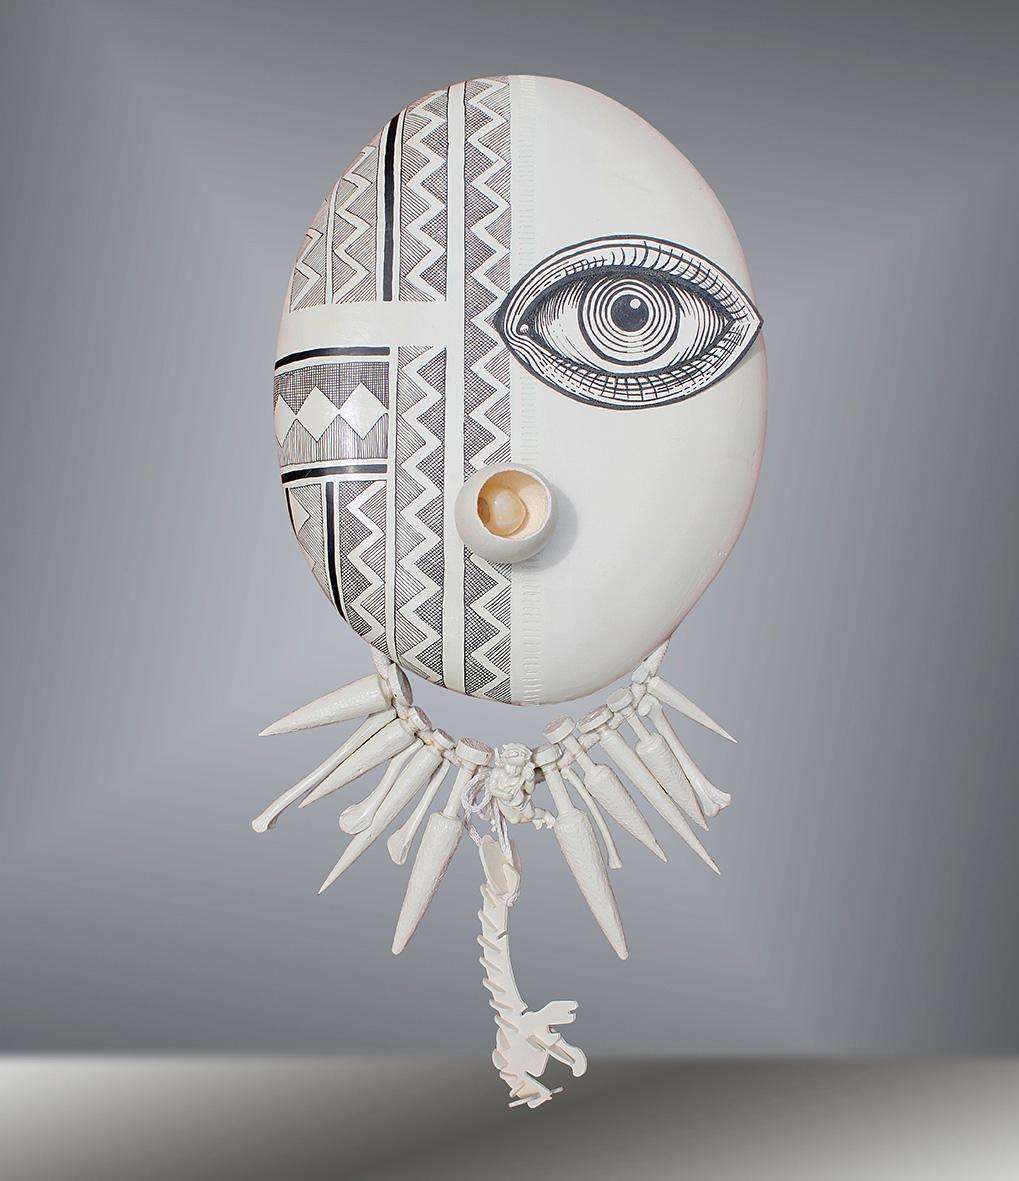 «Masque de Récits, Kaipo from Hawaï», 2018, acrylique sur bois, matériaux composites, 38x70cm @Elia-Pagliarino